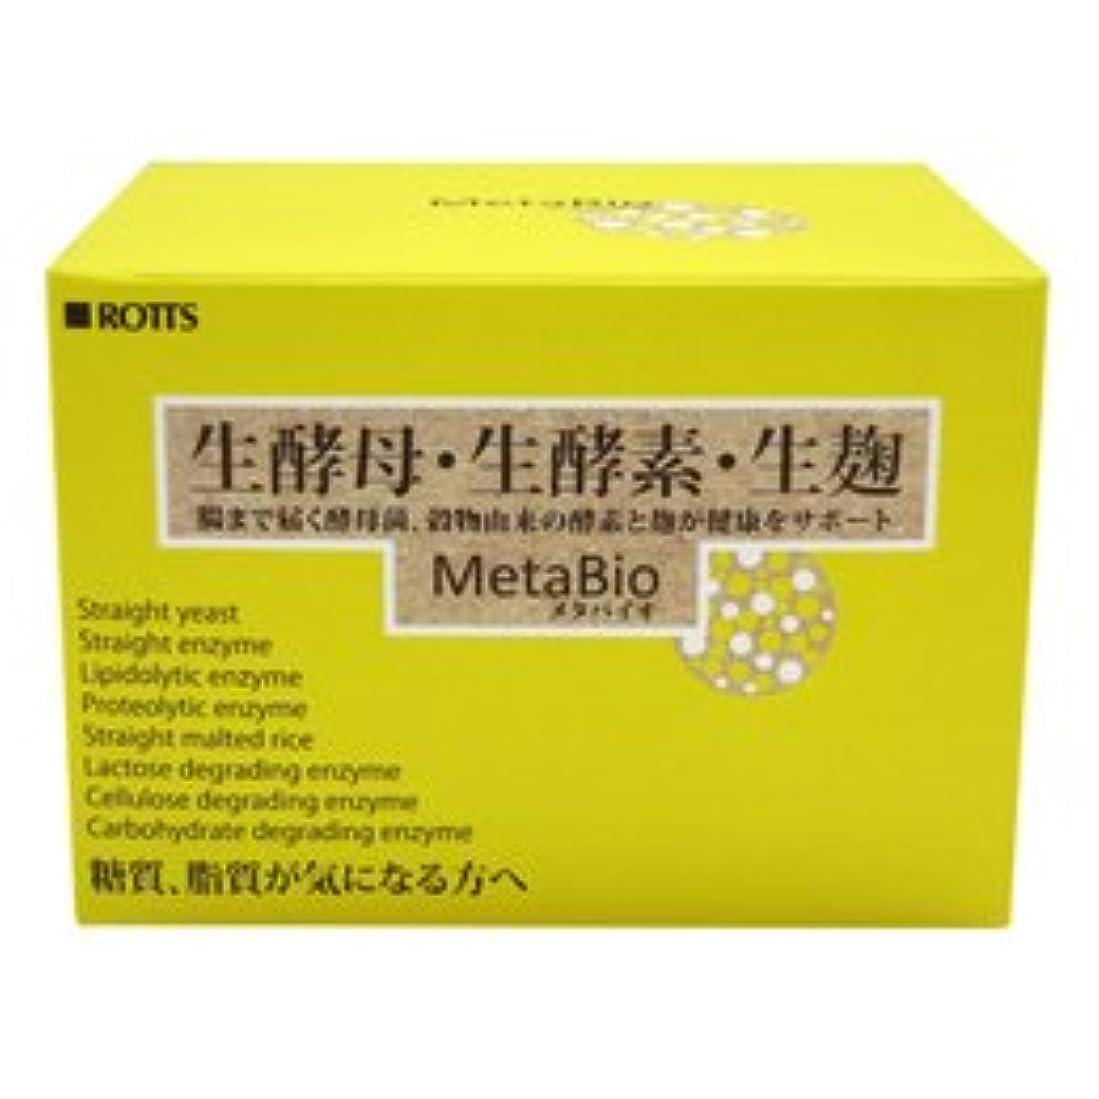 早めるあごひげワンダーMetaBio/メタバイオ(2粒×30包)×6箱セット